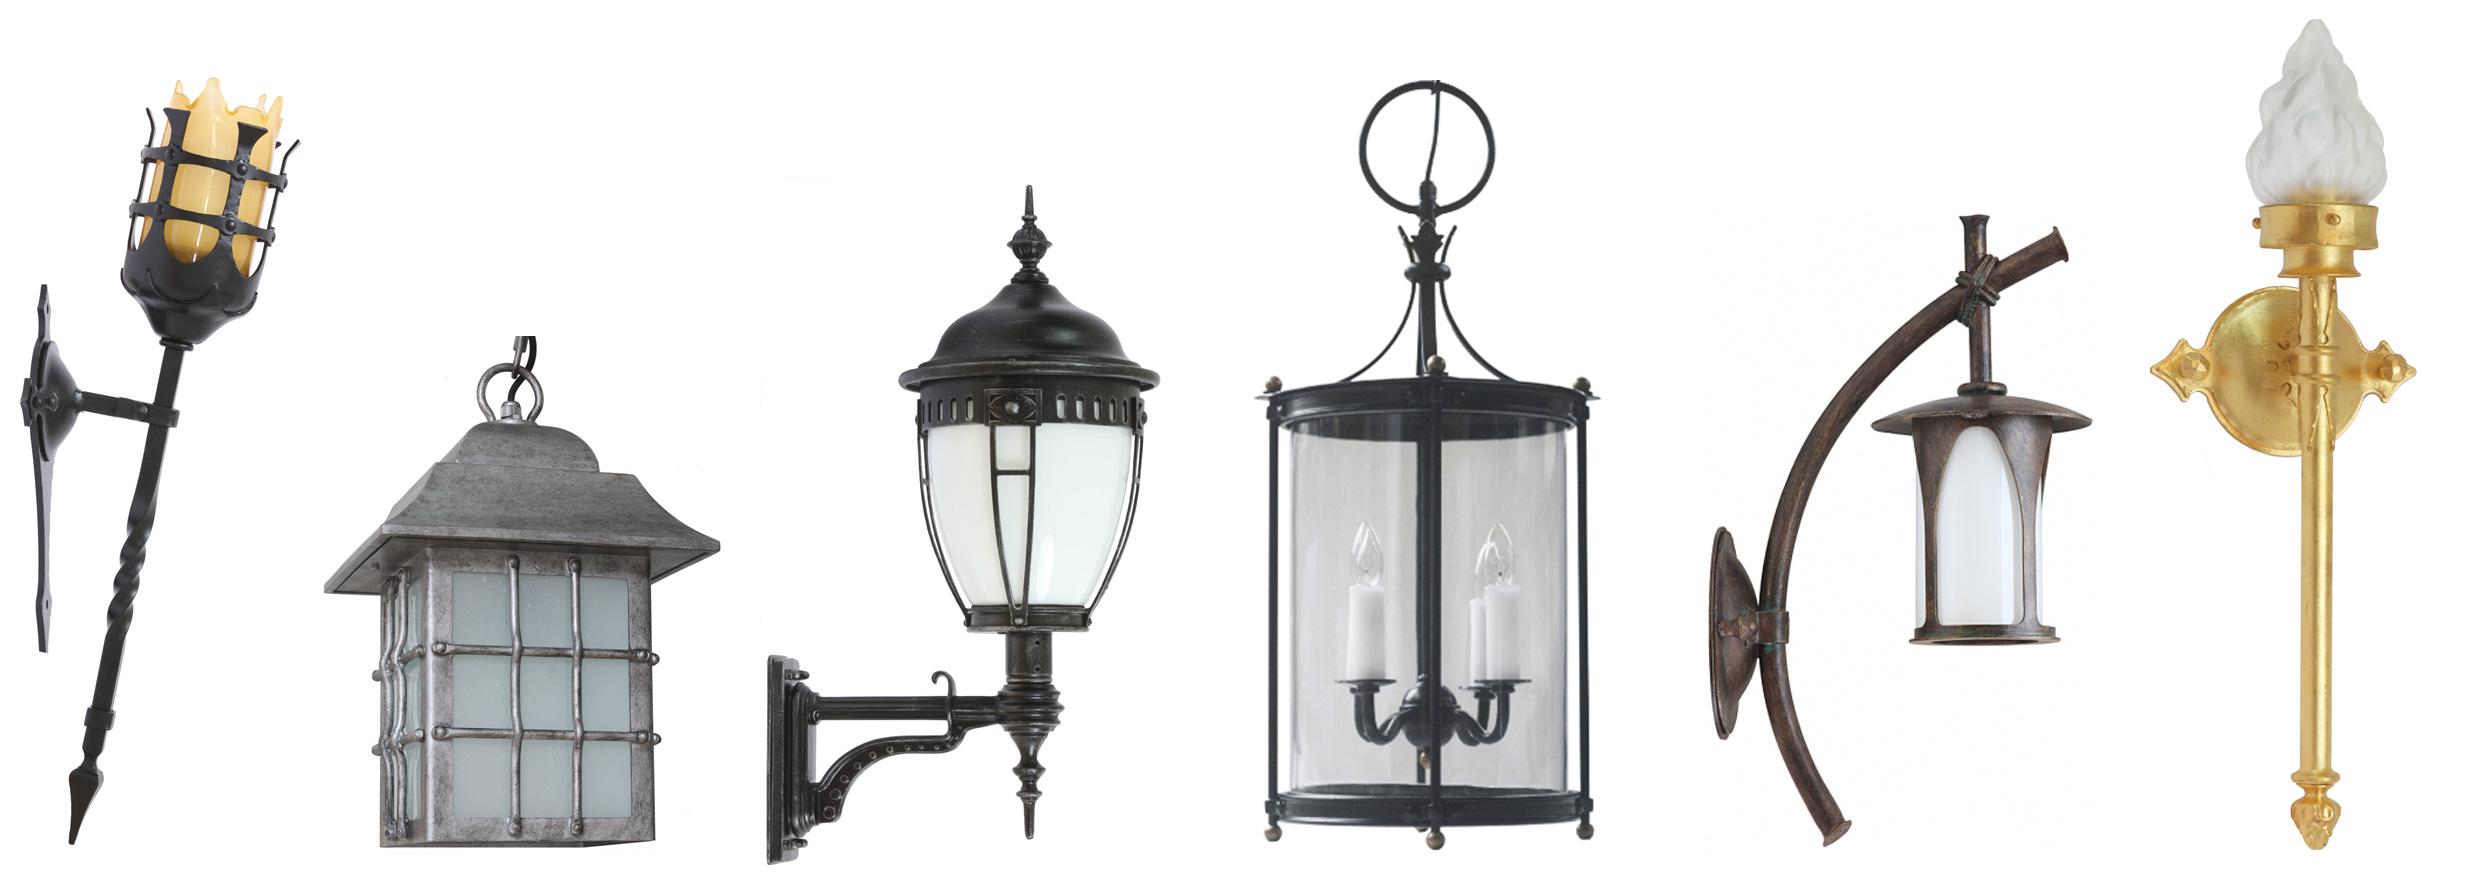 Lampen für außen, rustikal und antik